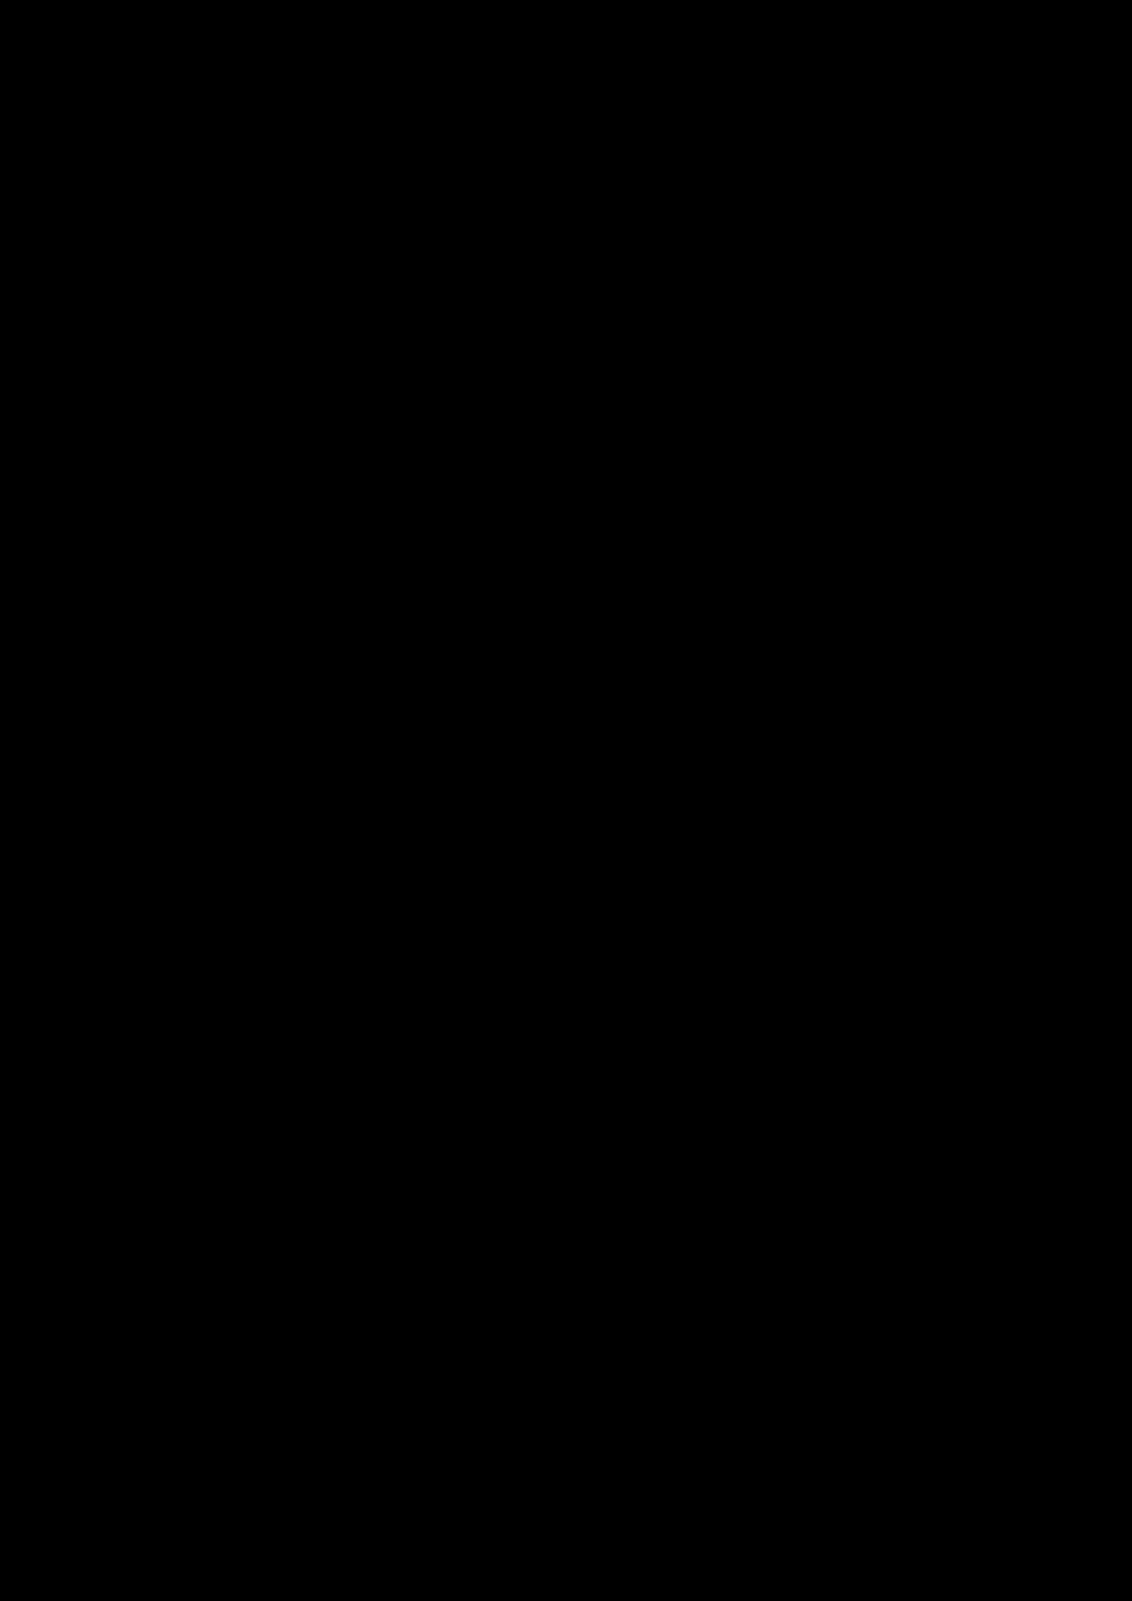 Proschanie s volshebnoy stranoy slide, Image 51